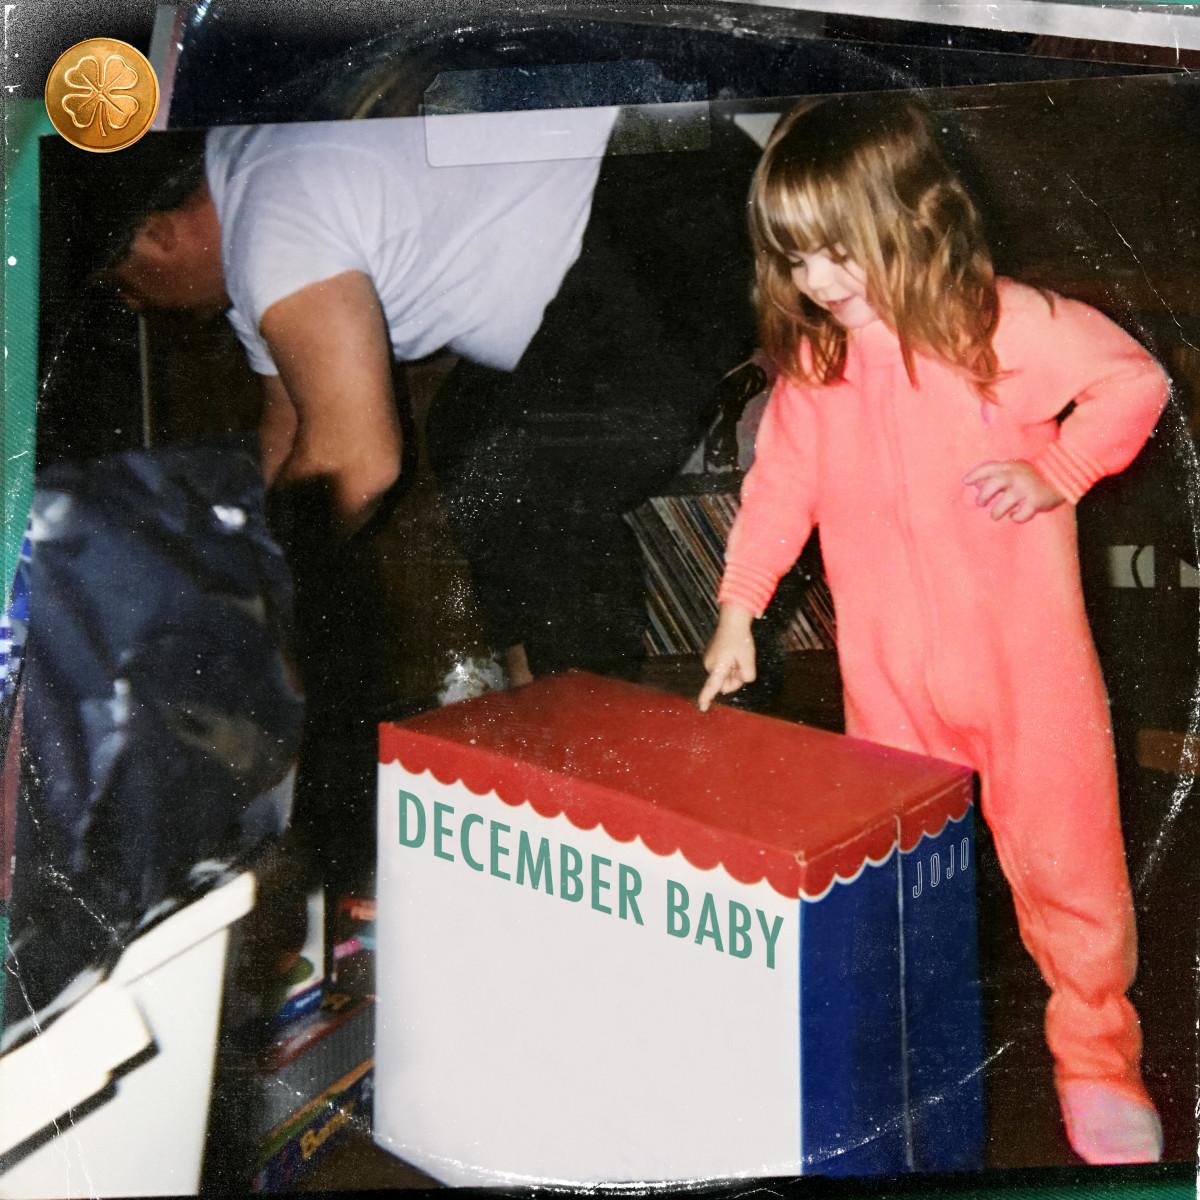 Jojo - December baby